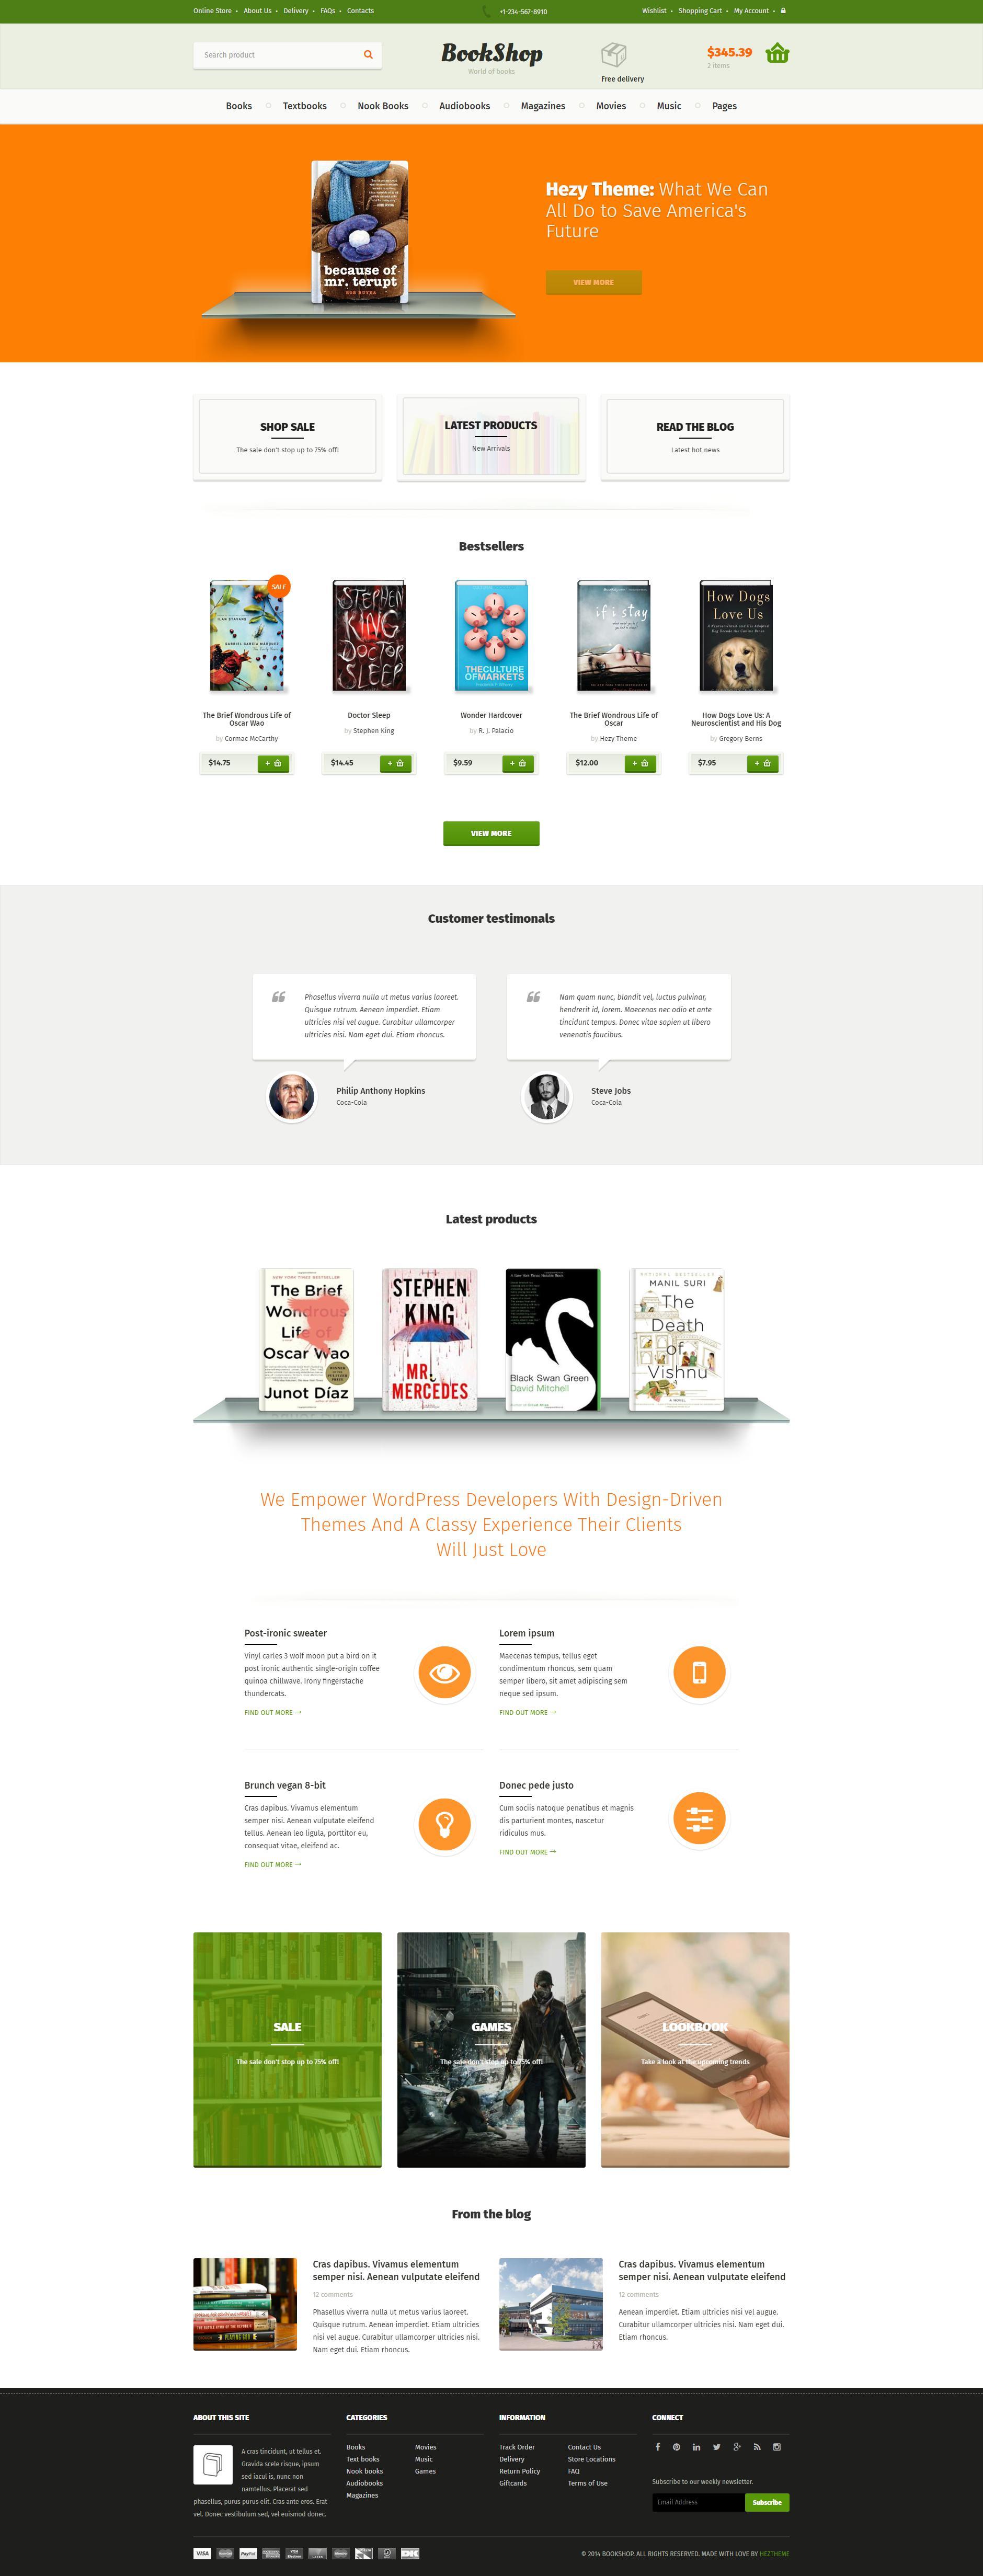 绿色的网上书店商城模板html源码